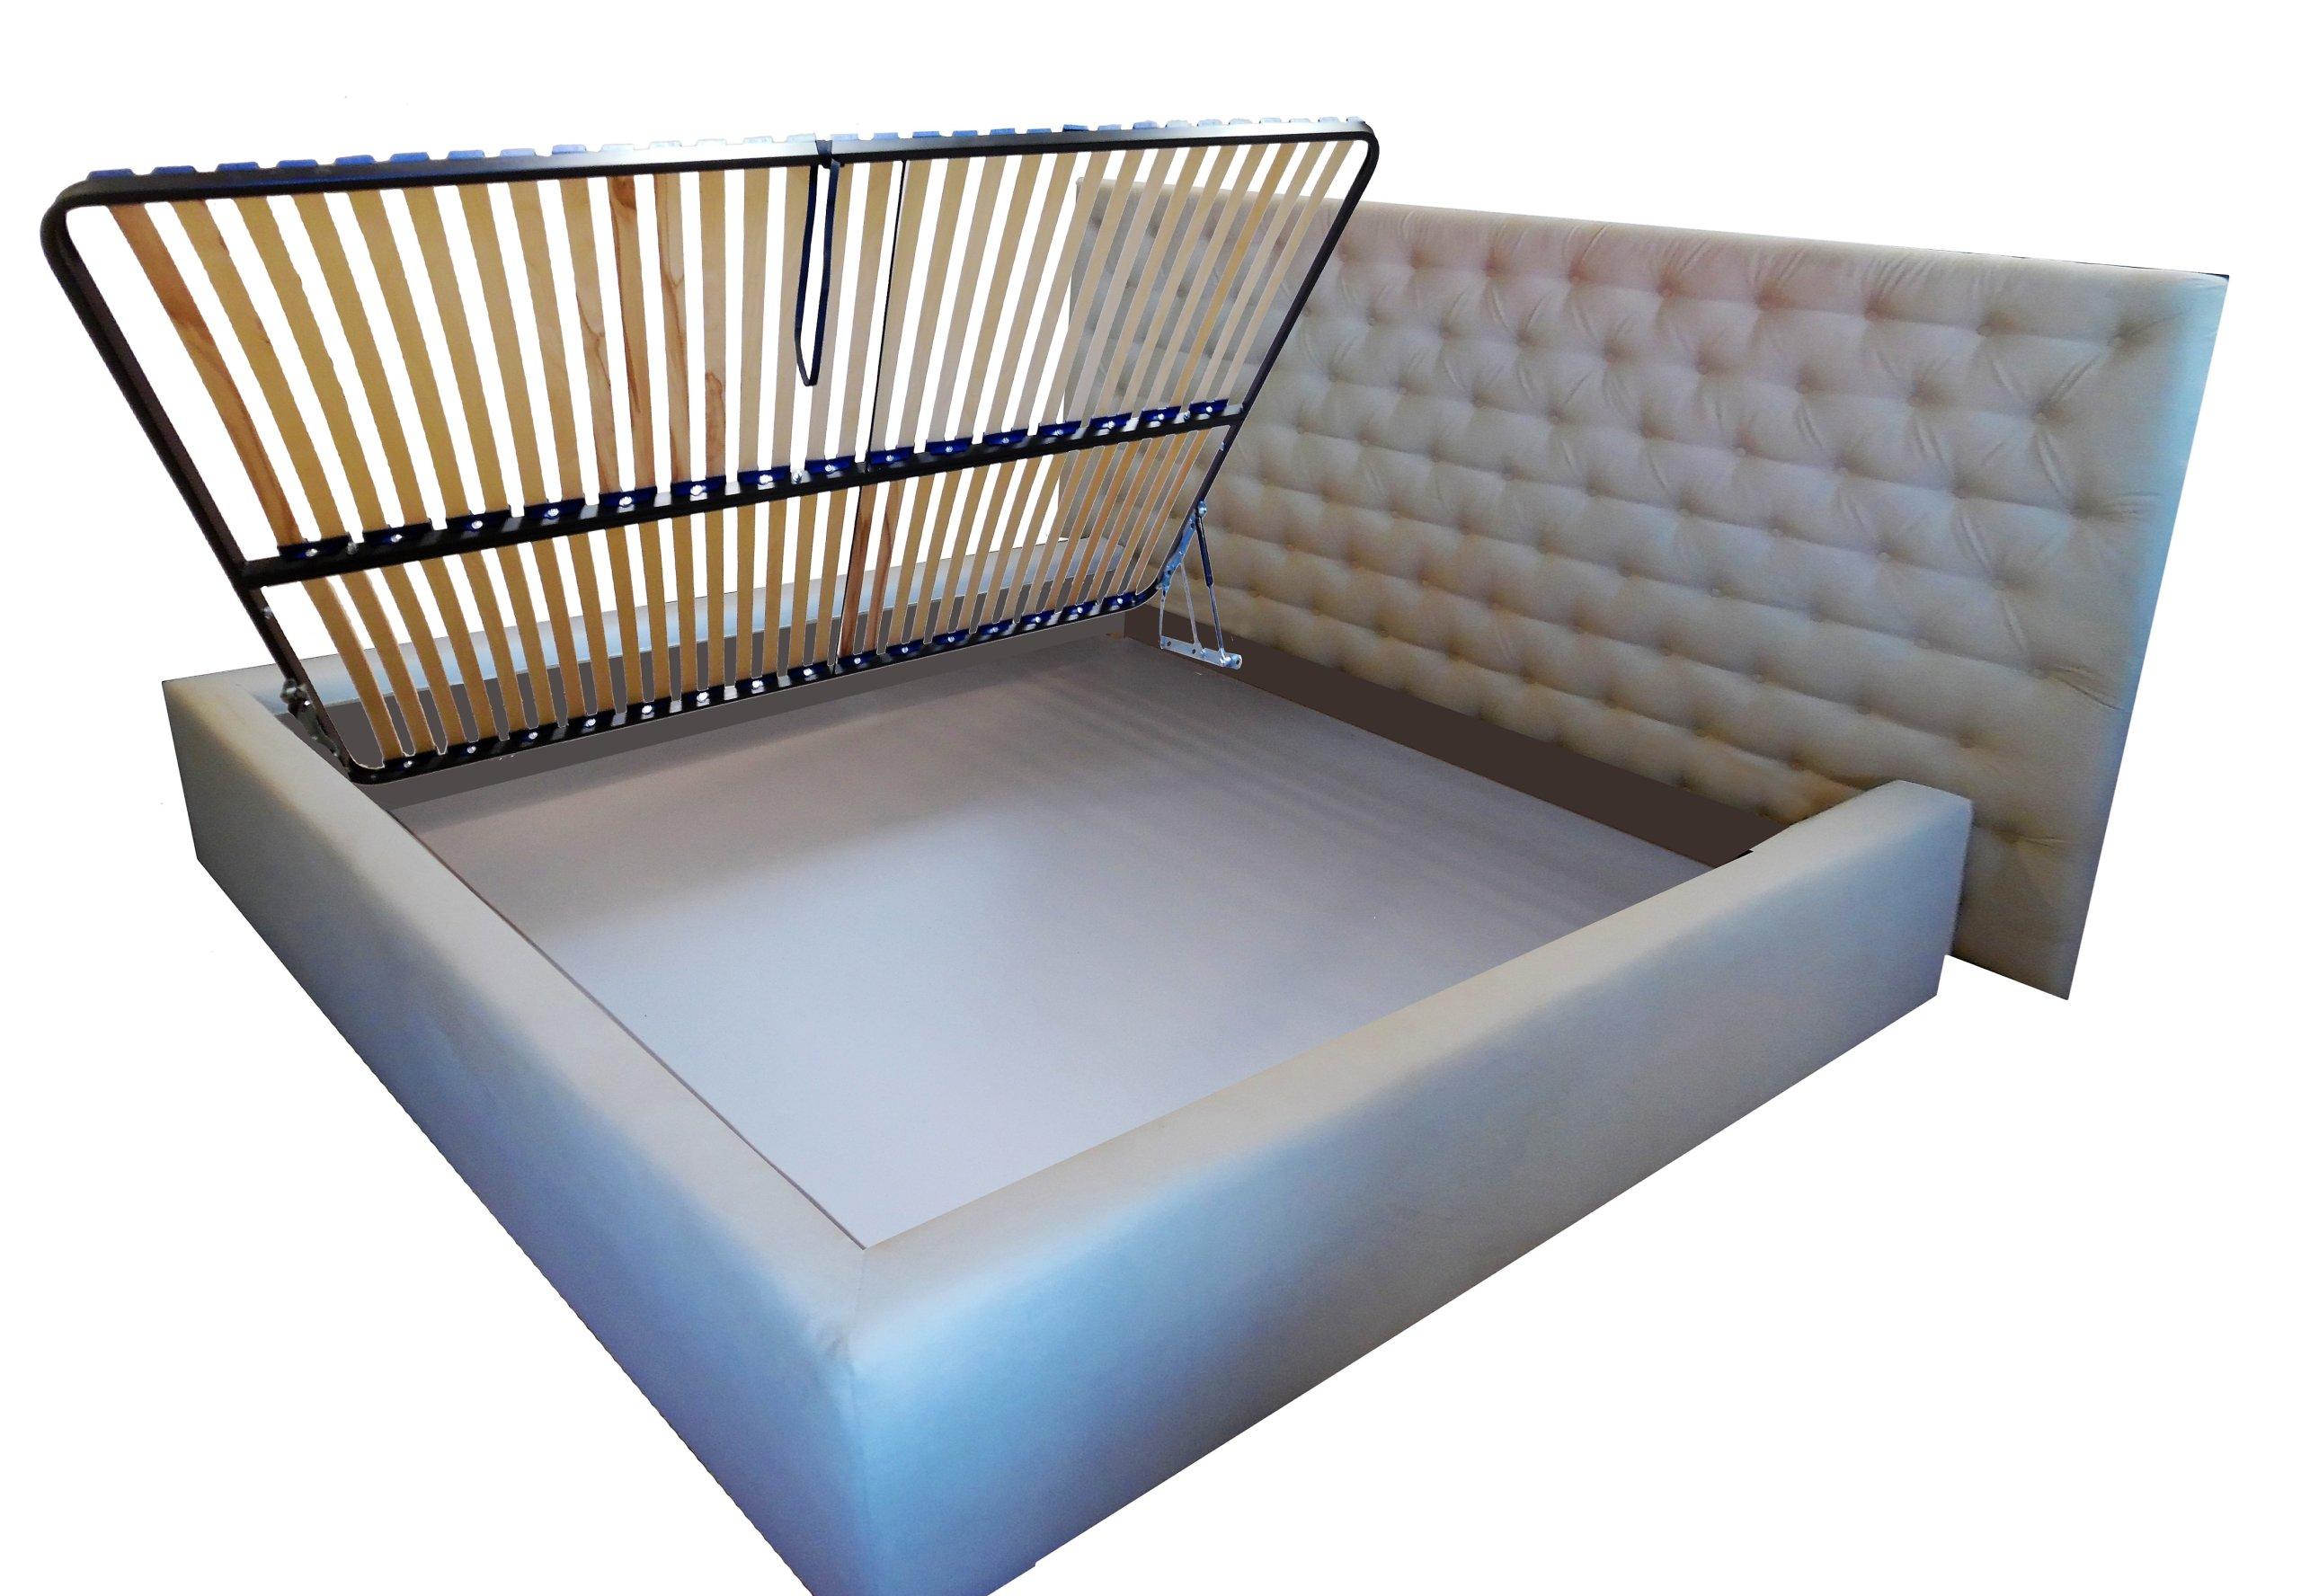 Podnoszony Stelaż Boczny Do łóżka 200x200 Nswlbok